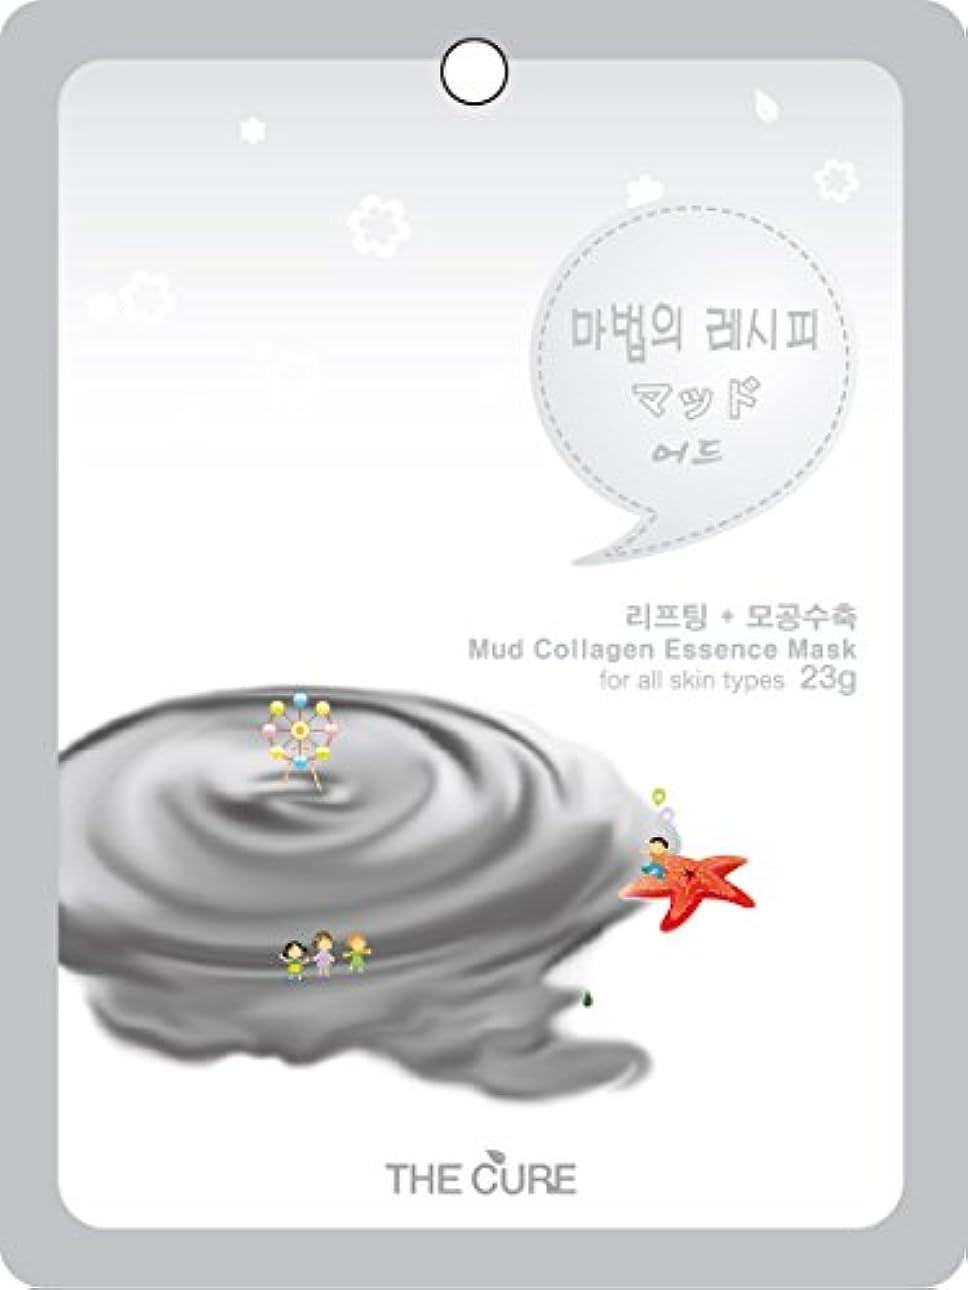 枕重要な含意マッド コラーゲン エッセンス マスク THE CURE シート パック 100枚セット 韓国 コスメ 乾燥肌 オイリー肌 混合肌